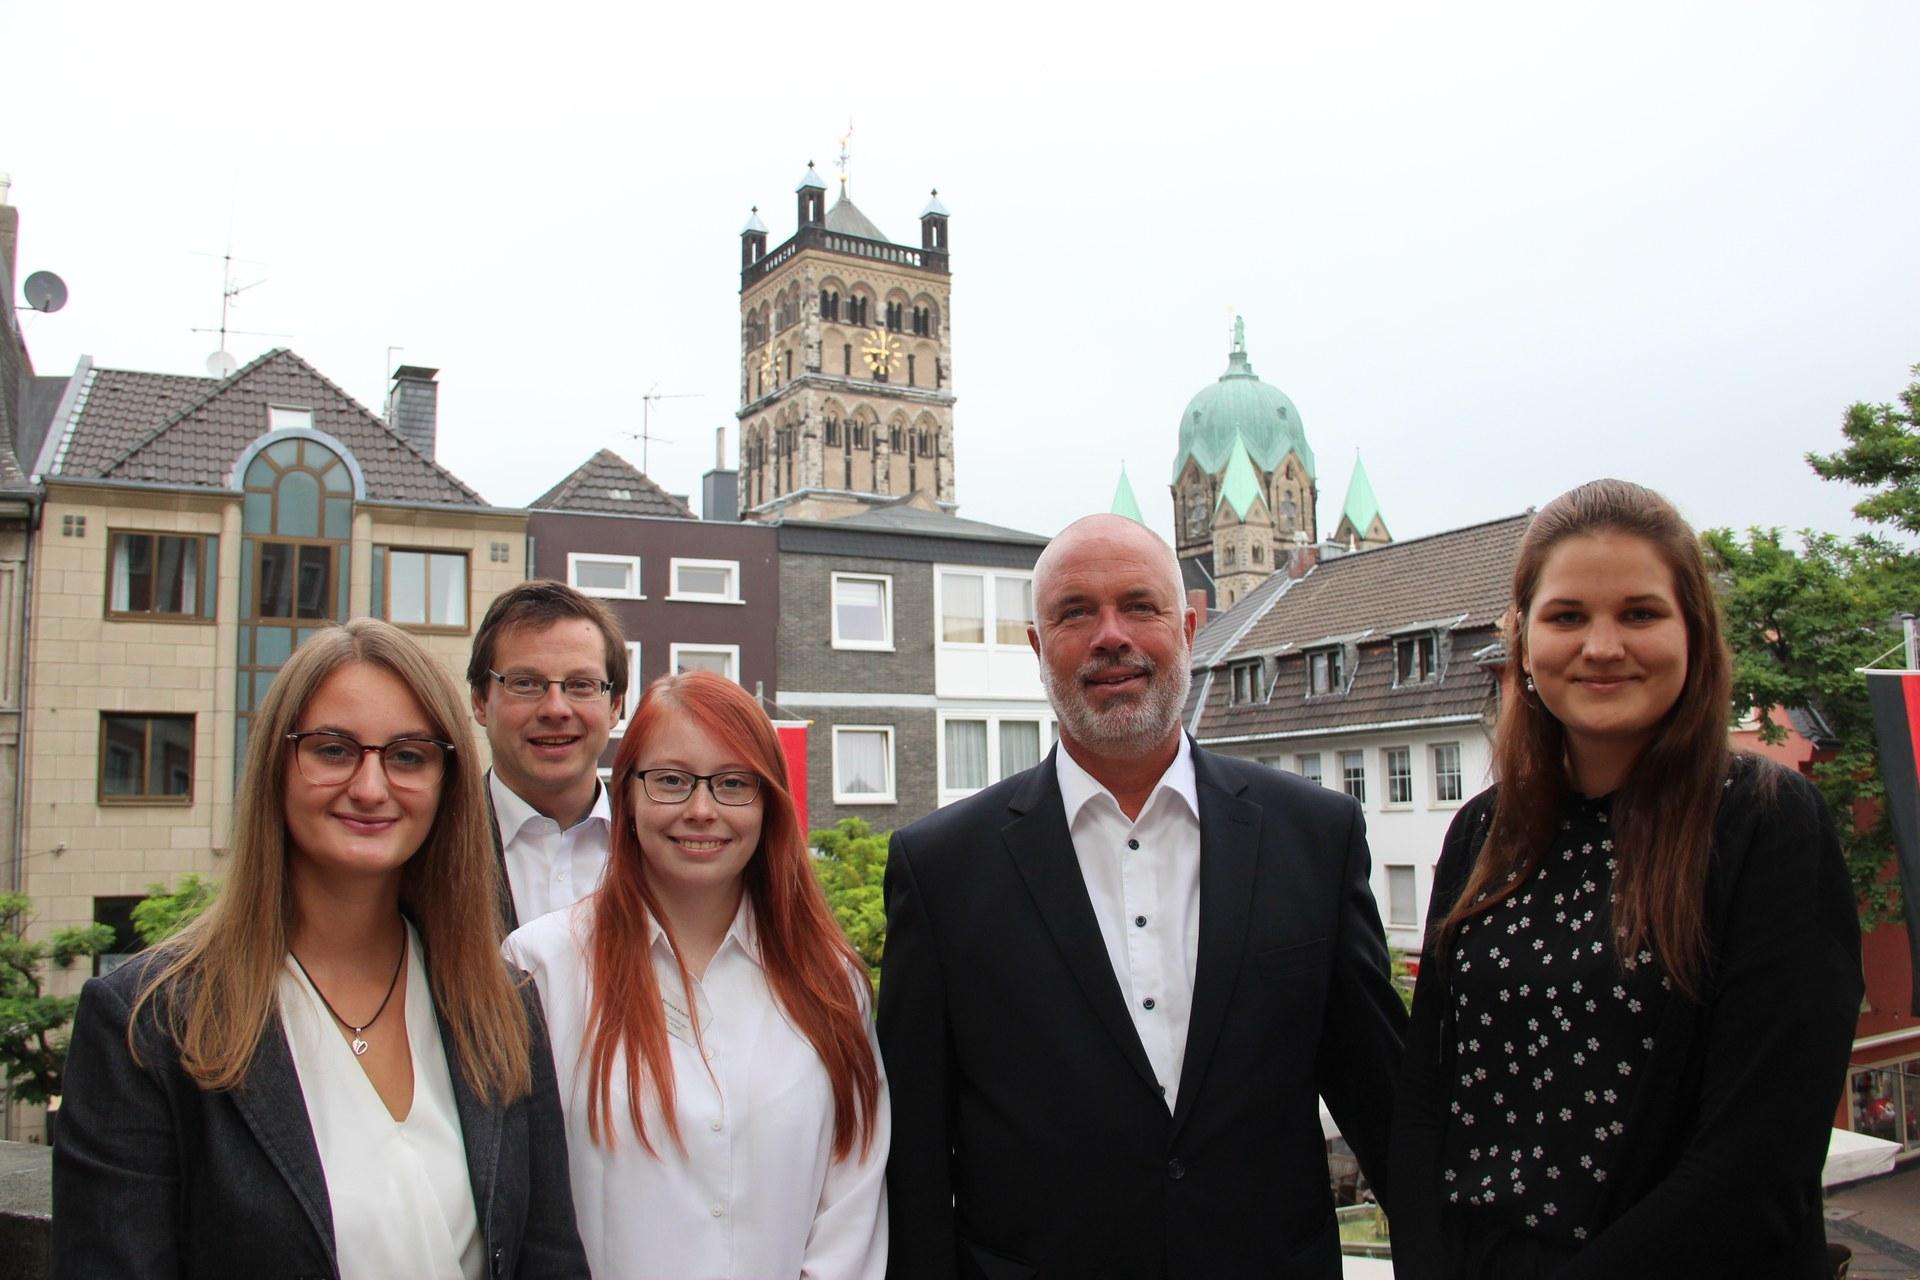 Personaldezernent Holger Lachmann (links) und Sozial- und Jugenddezernent Ralf Hörsken und mit den drei Studentinnen Melissa Kiwitt, Kathrin Mettner und Lisa Diepold.